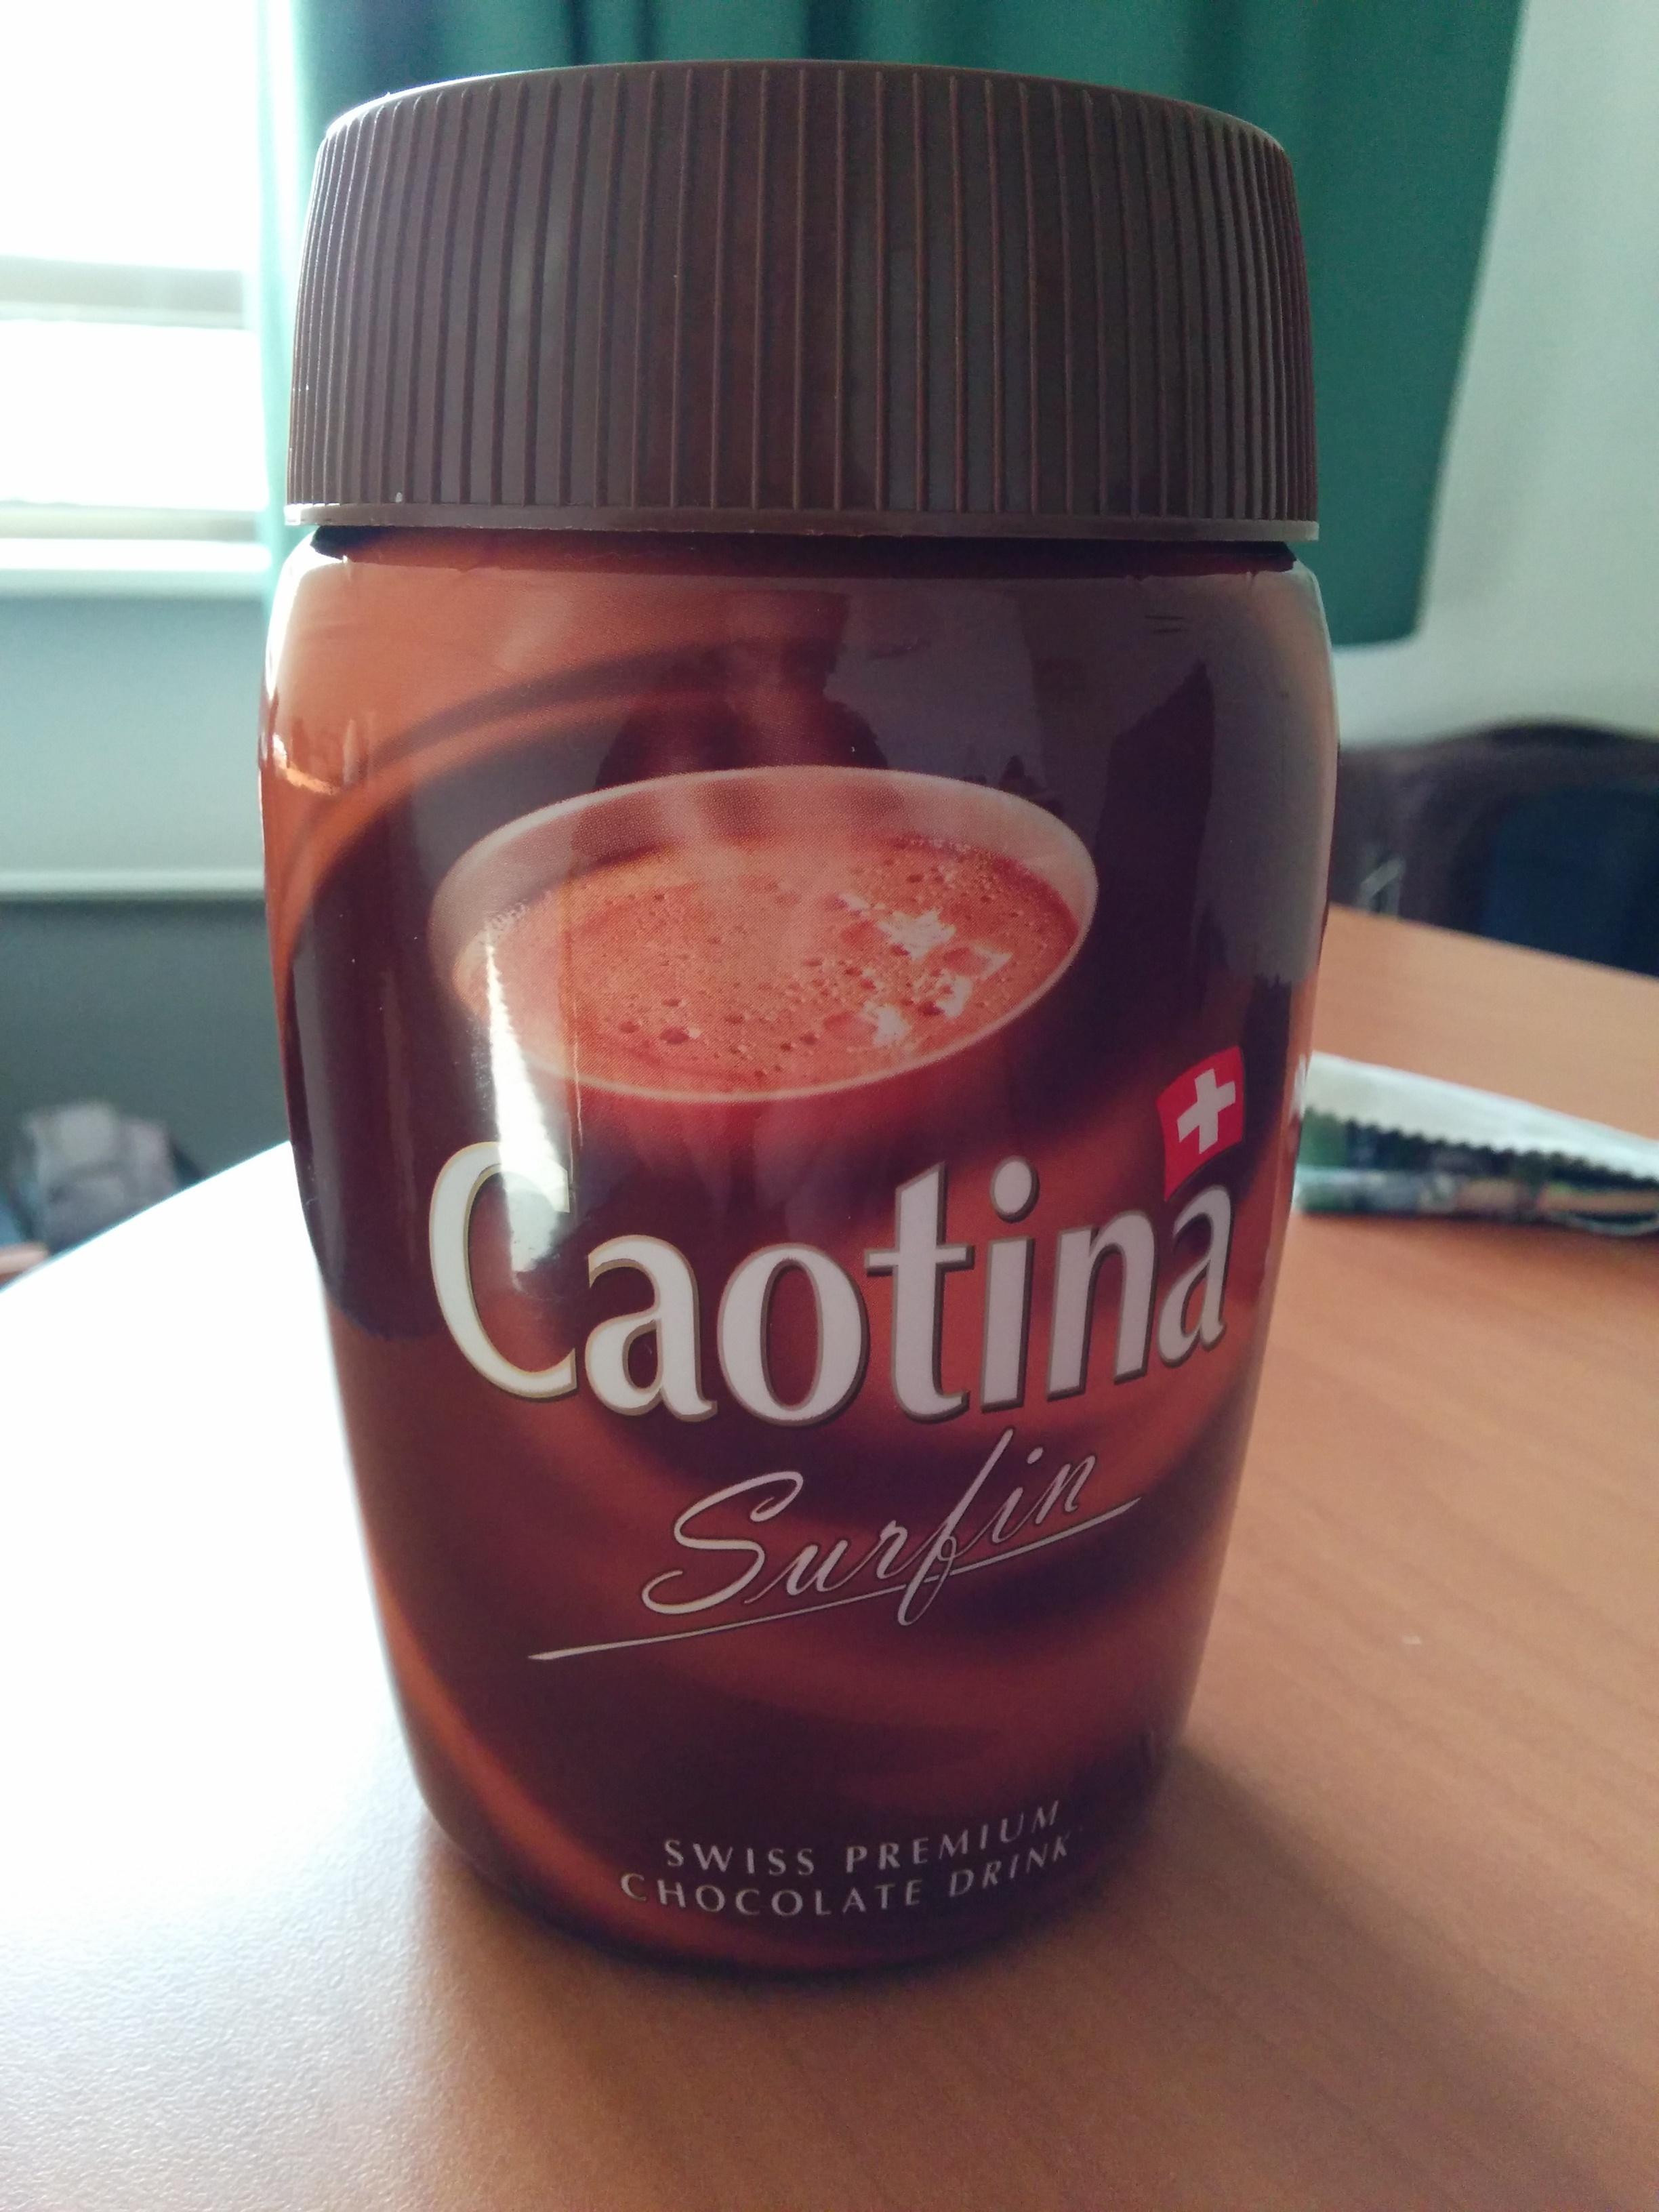 Surfin - Swiss premium chocolate drink - Produit - fr